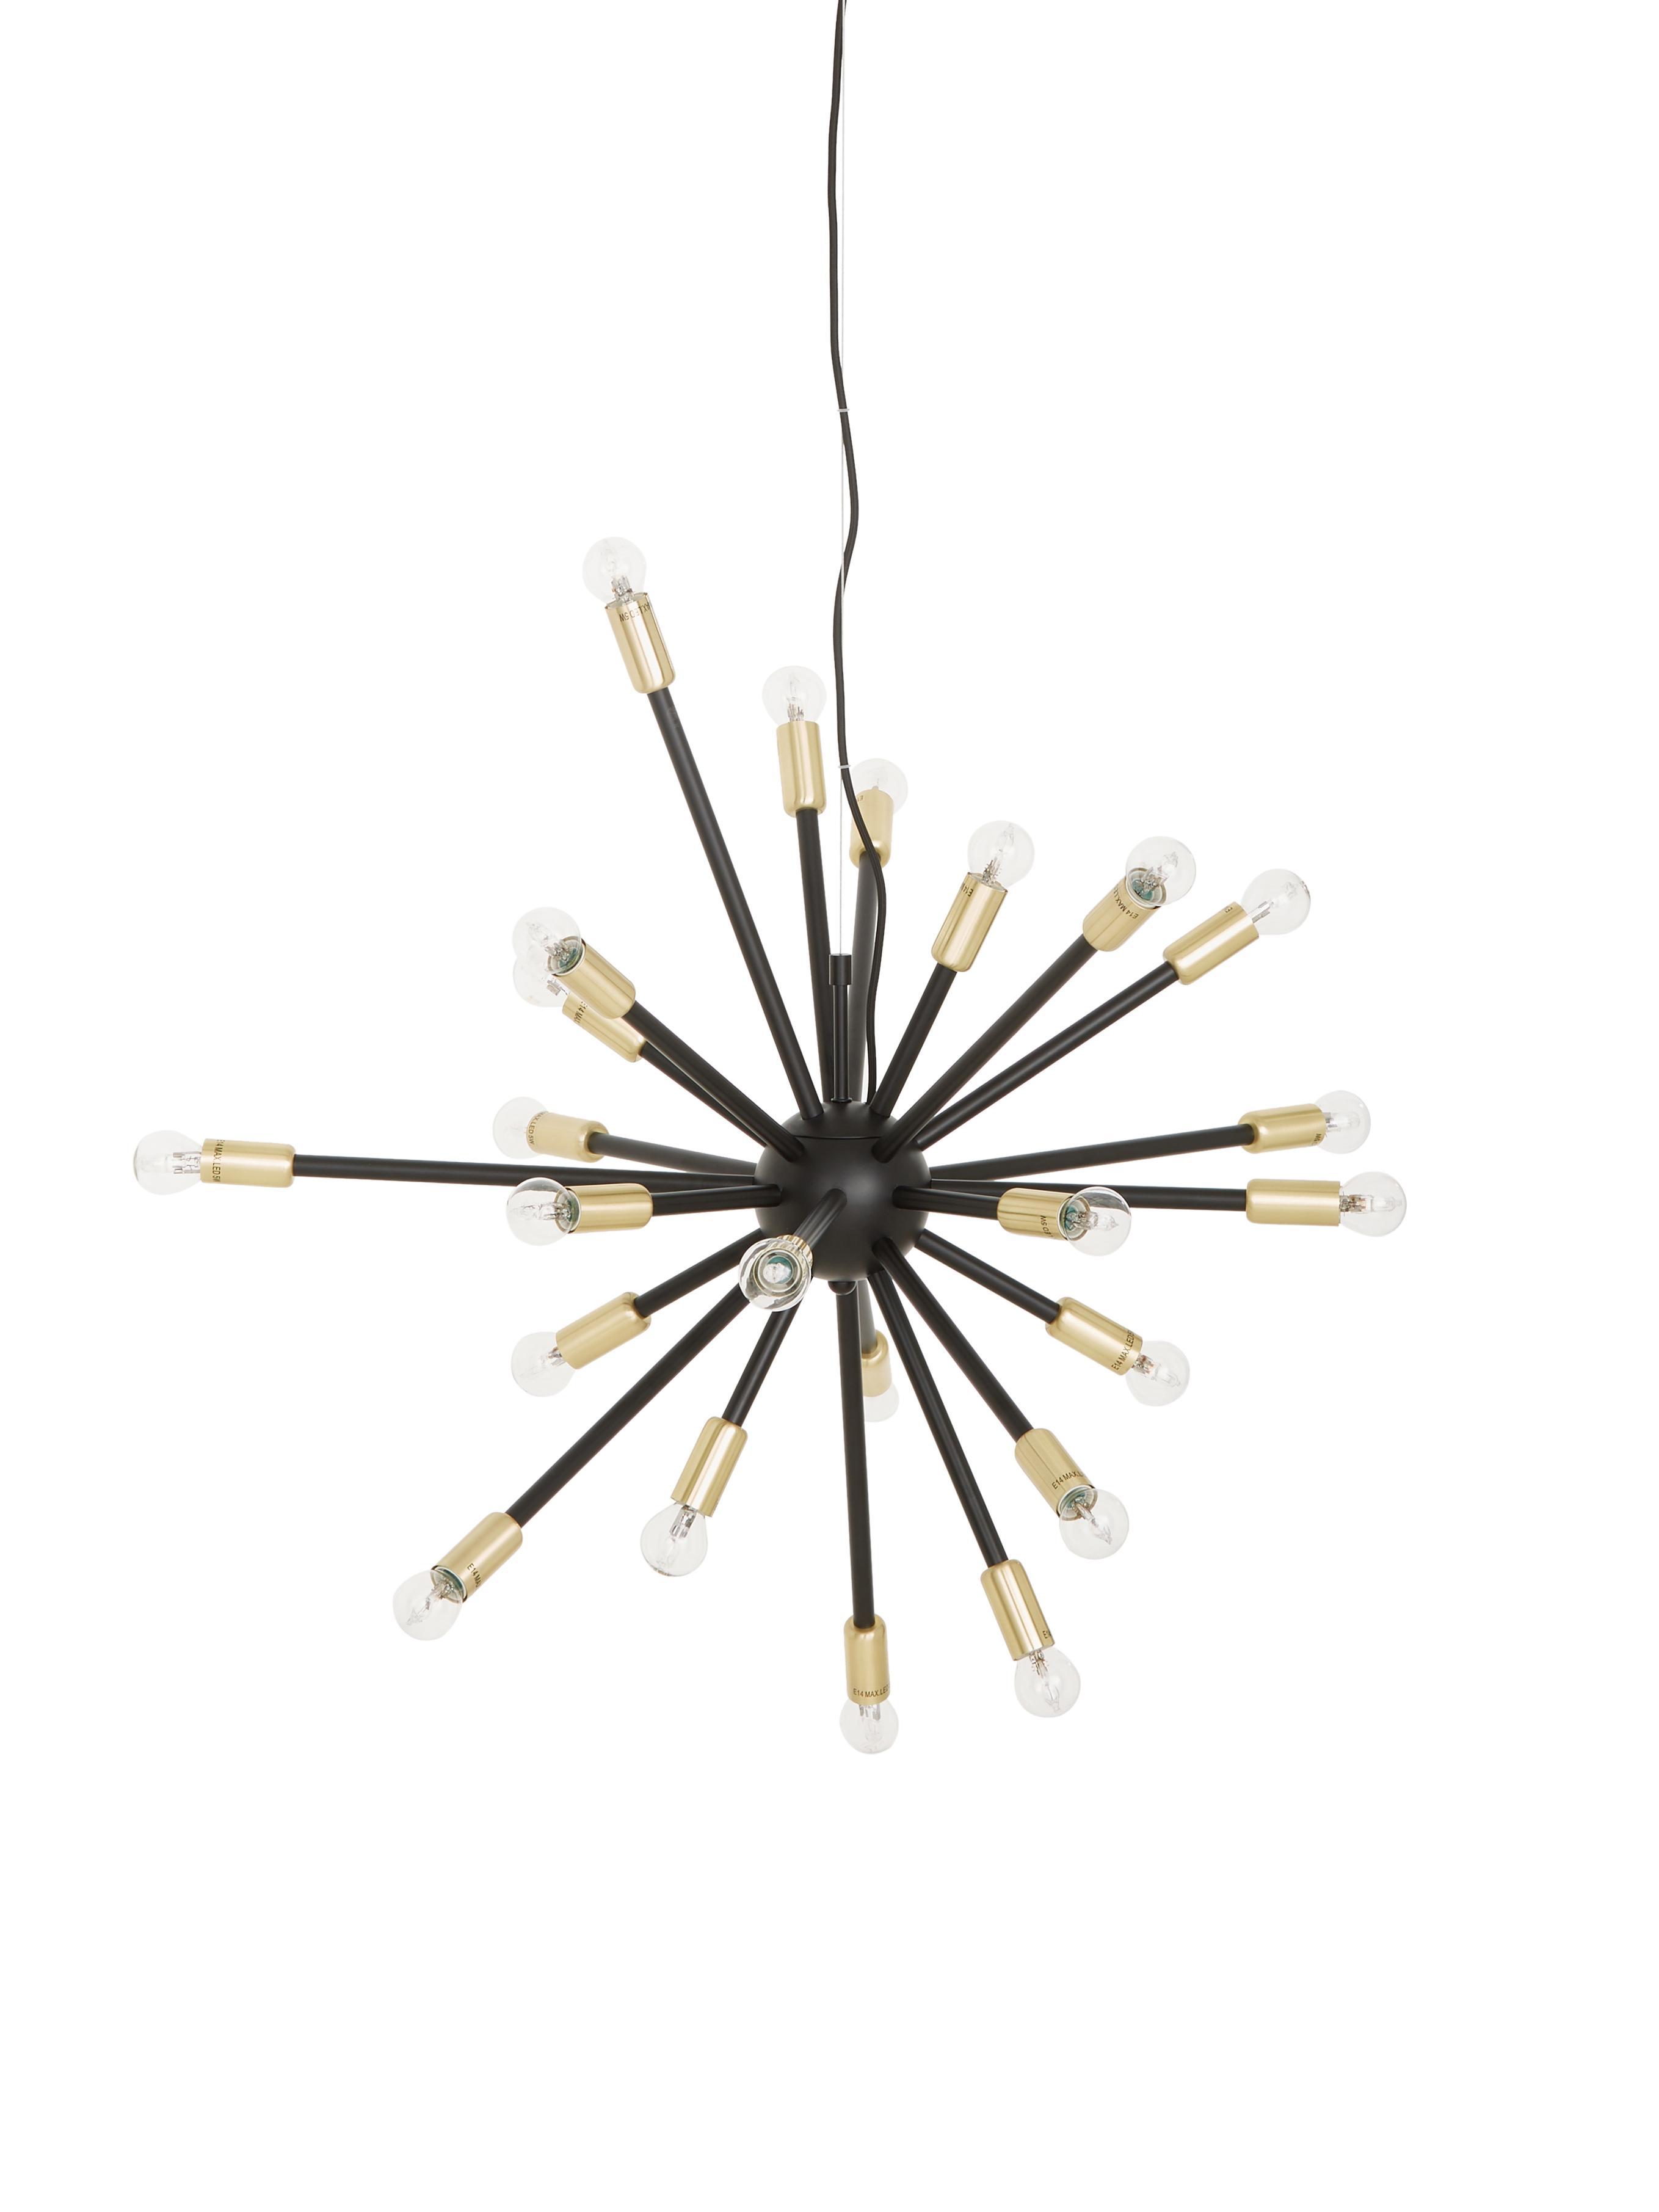 Grosse Pendelleuchte Spike in Schwarz und Gold, Baldachin: Metall, beschichtet, Lampenschirm: Metall, beschichtet, Schwarz, Goldfarben, Ø 90 cm